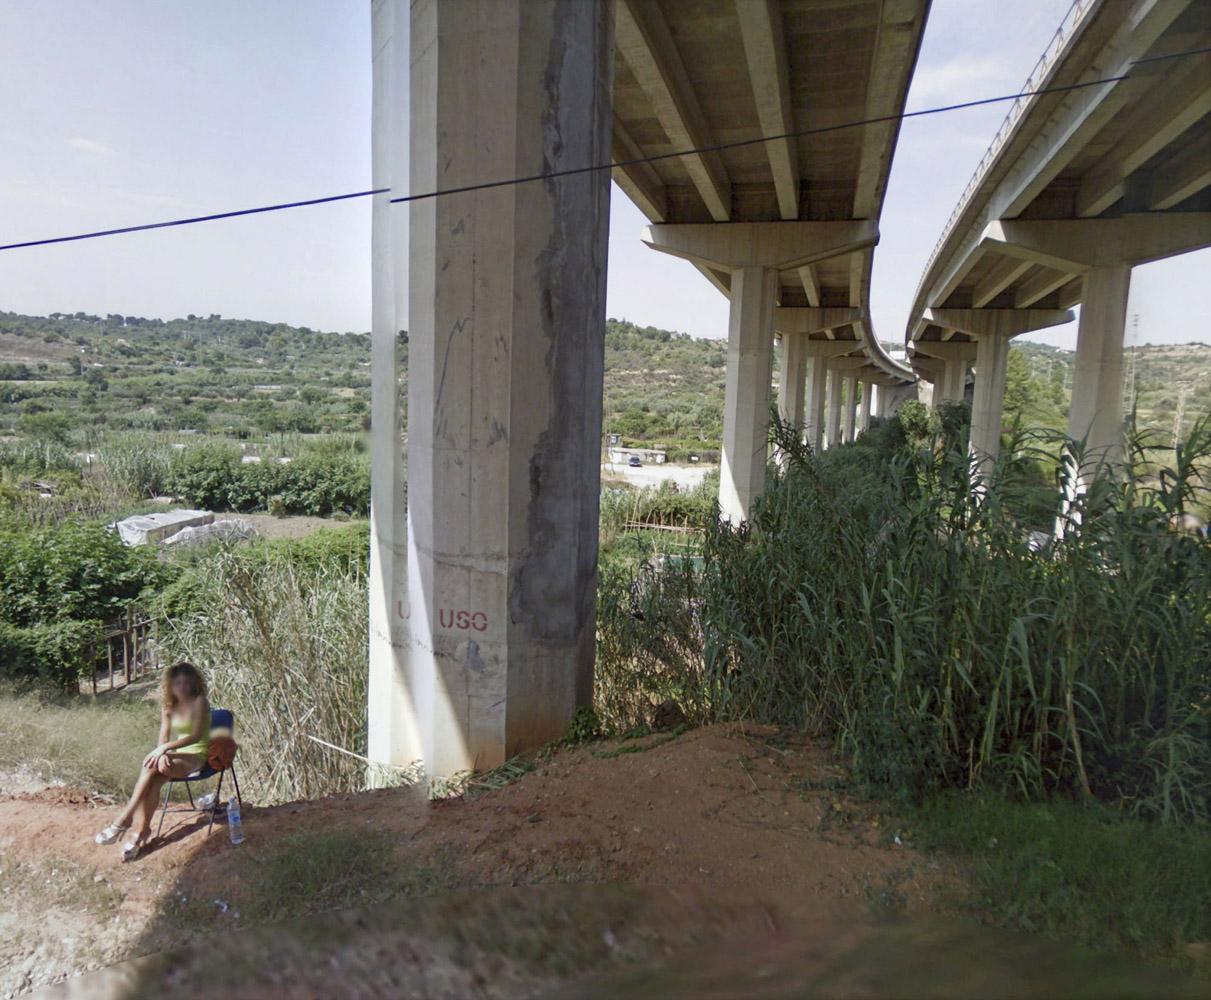 No Man's Land                               Carretera de Rubí, Terrassa, Spain. 2011-present